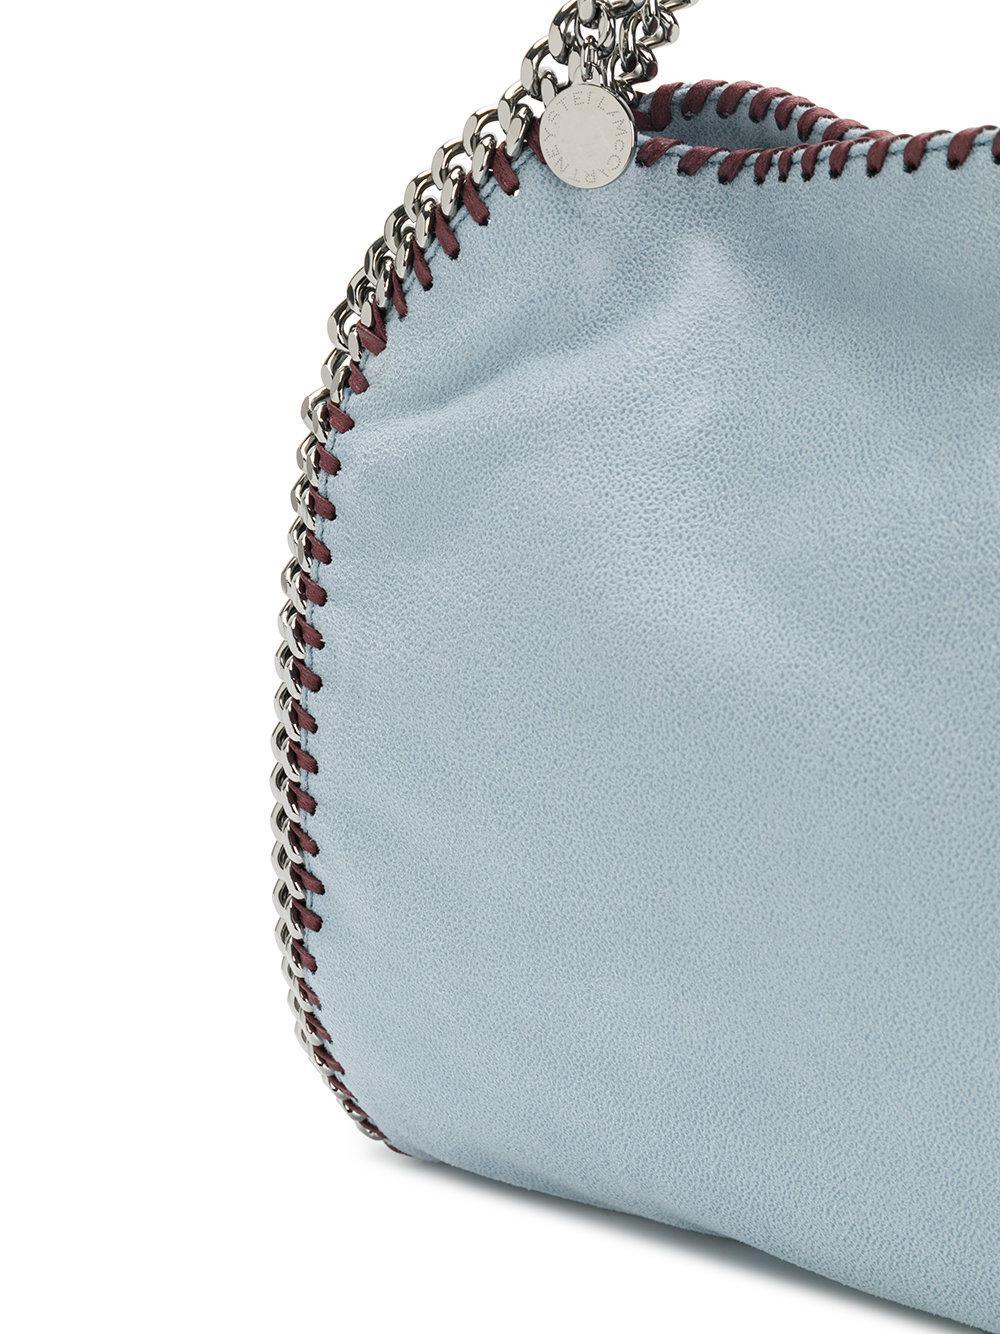 Stella McCartney Falabella Mini Tote Bag in Blue